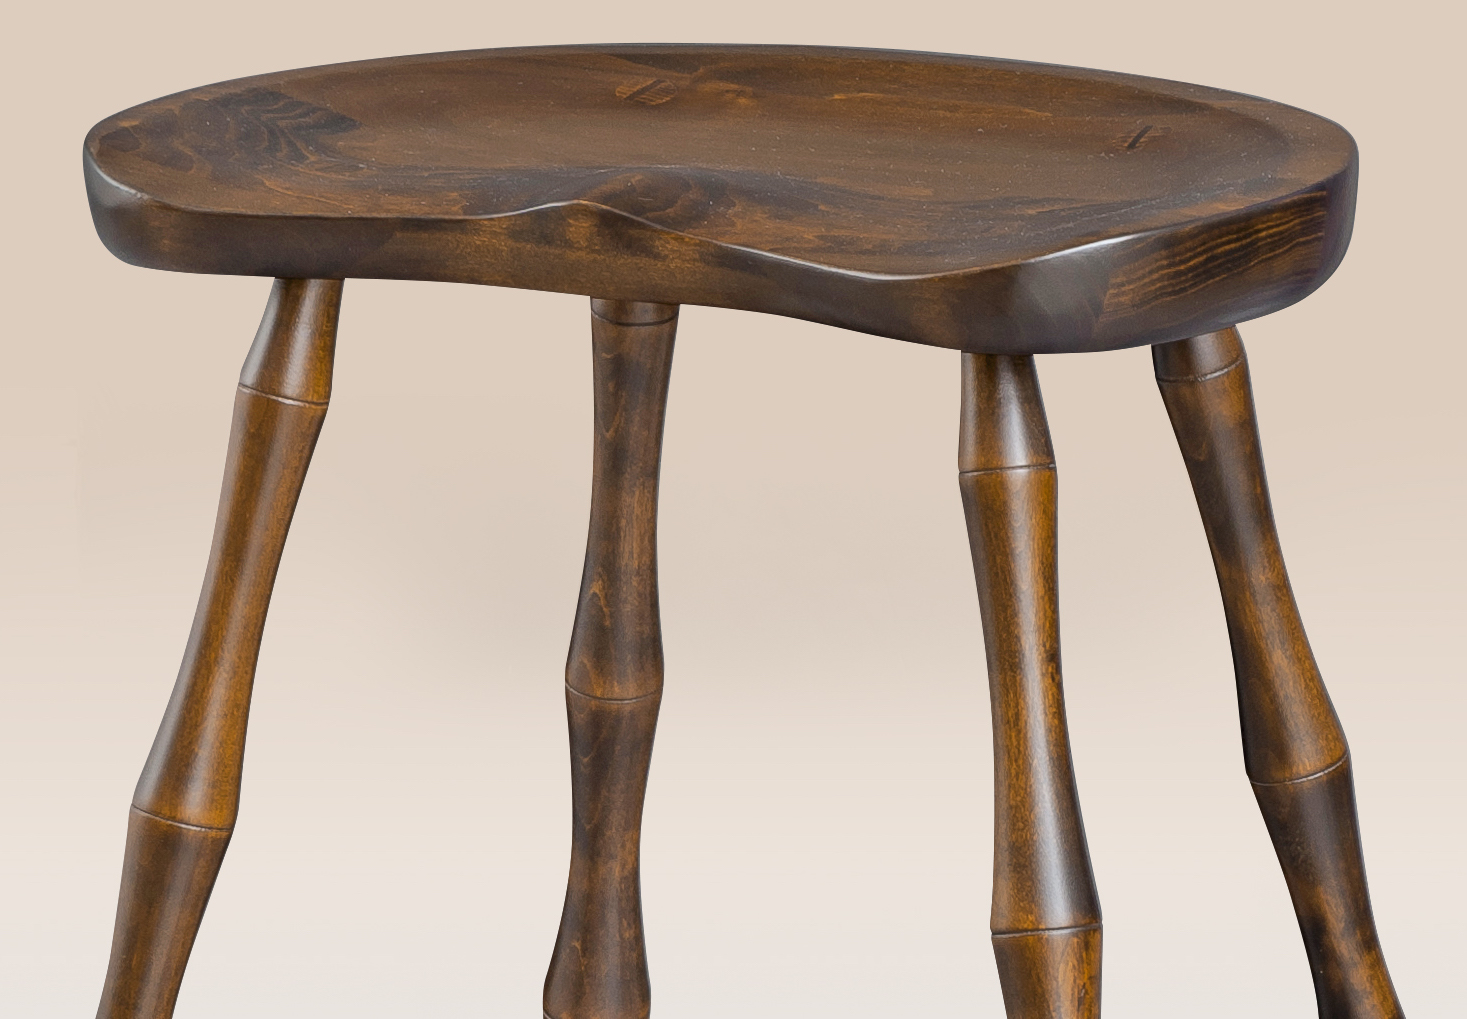 Historical saddle seat stool with bamboo style turnings